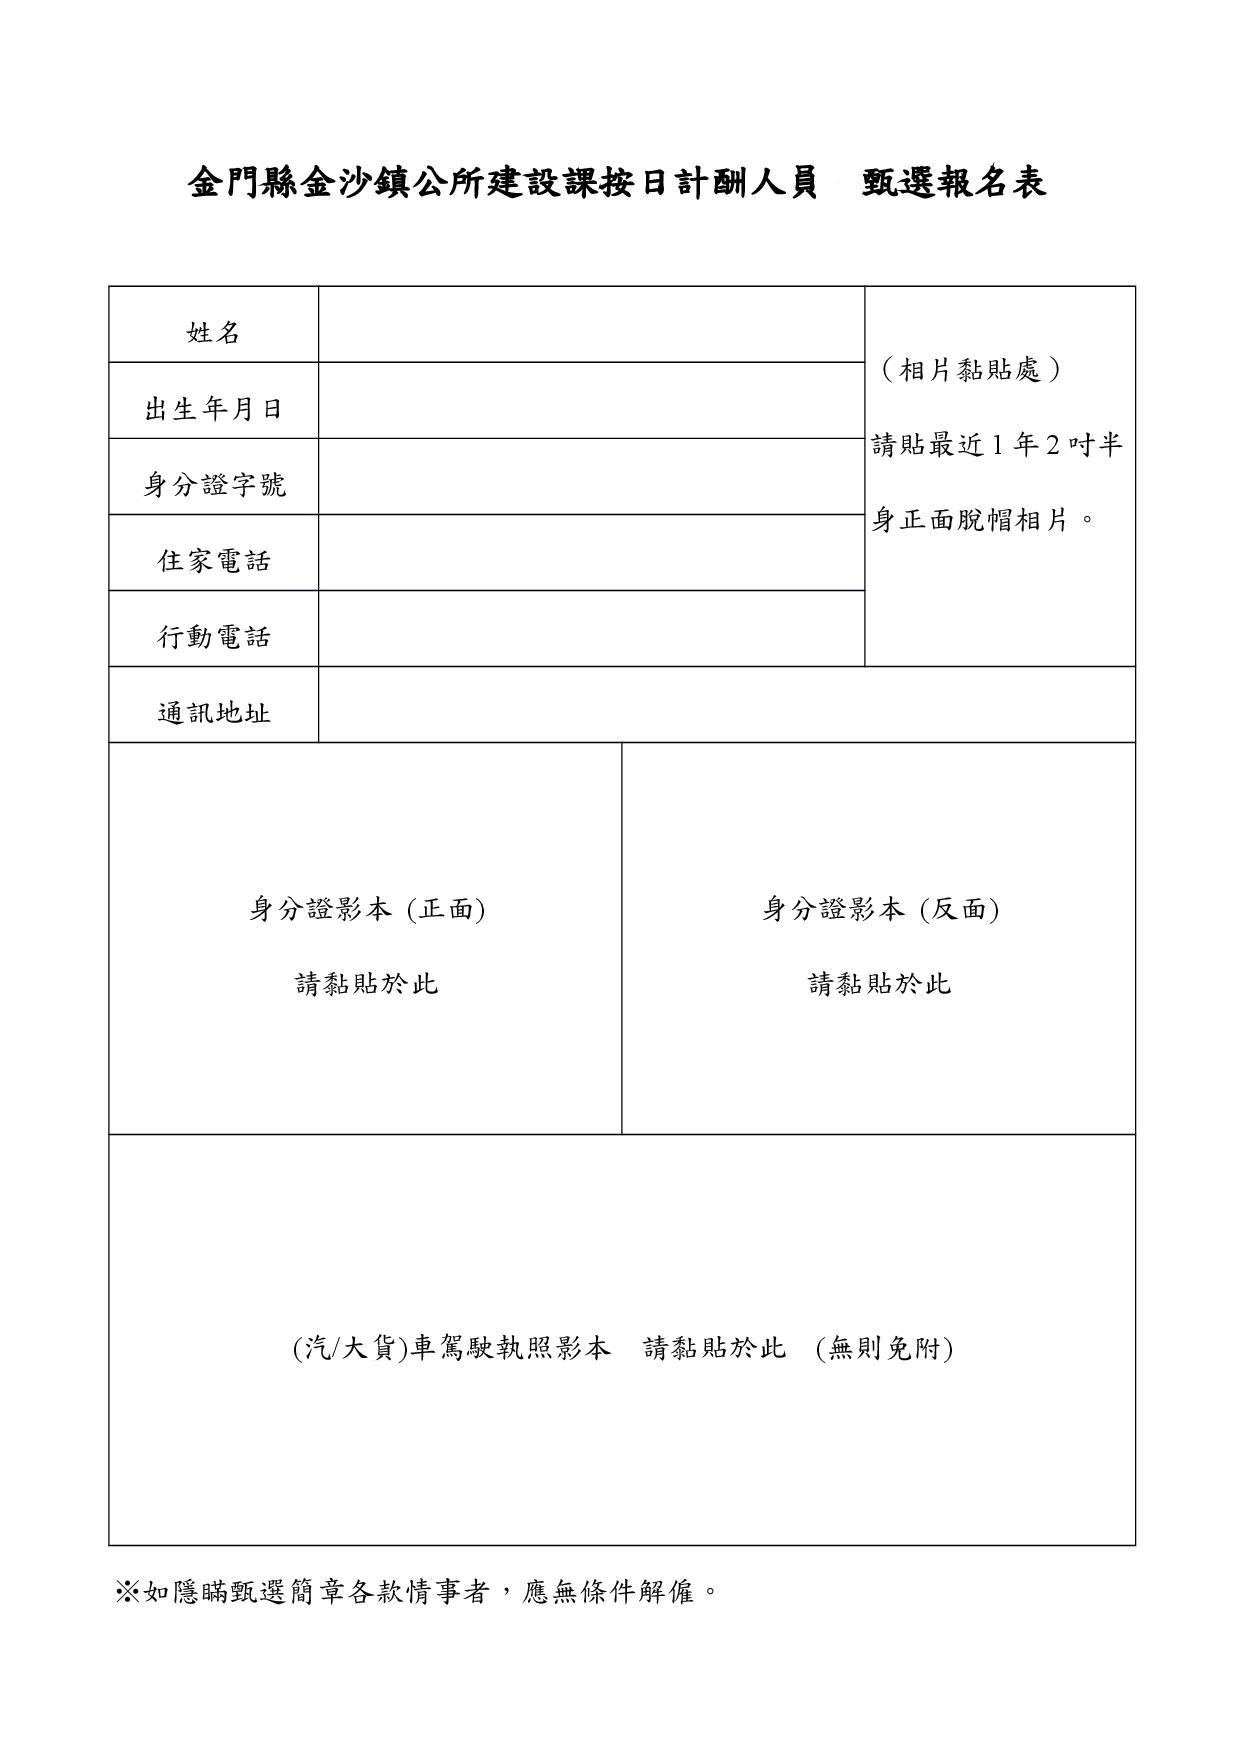 甄選報名表1080425